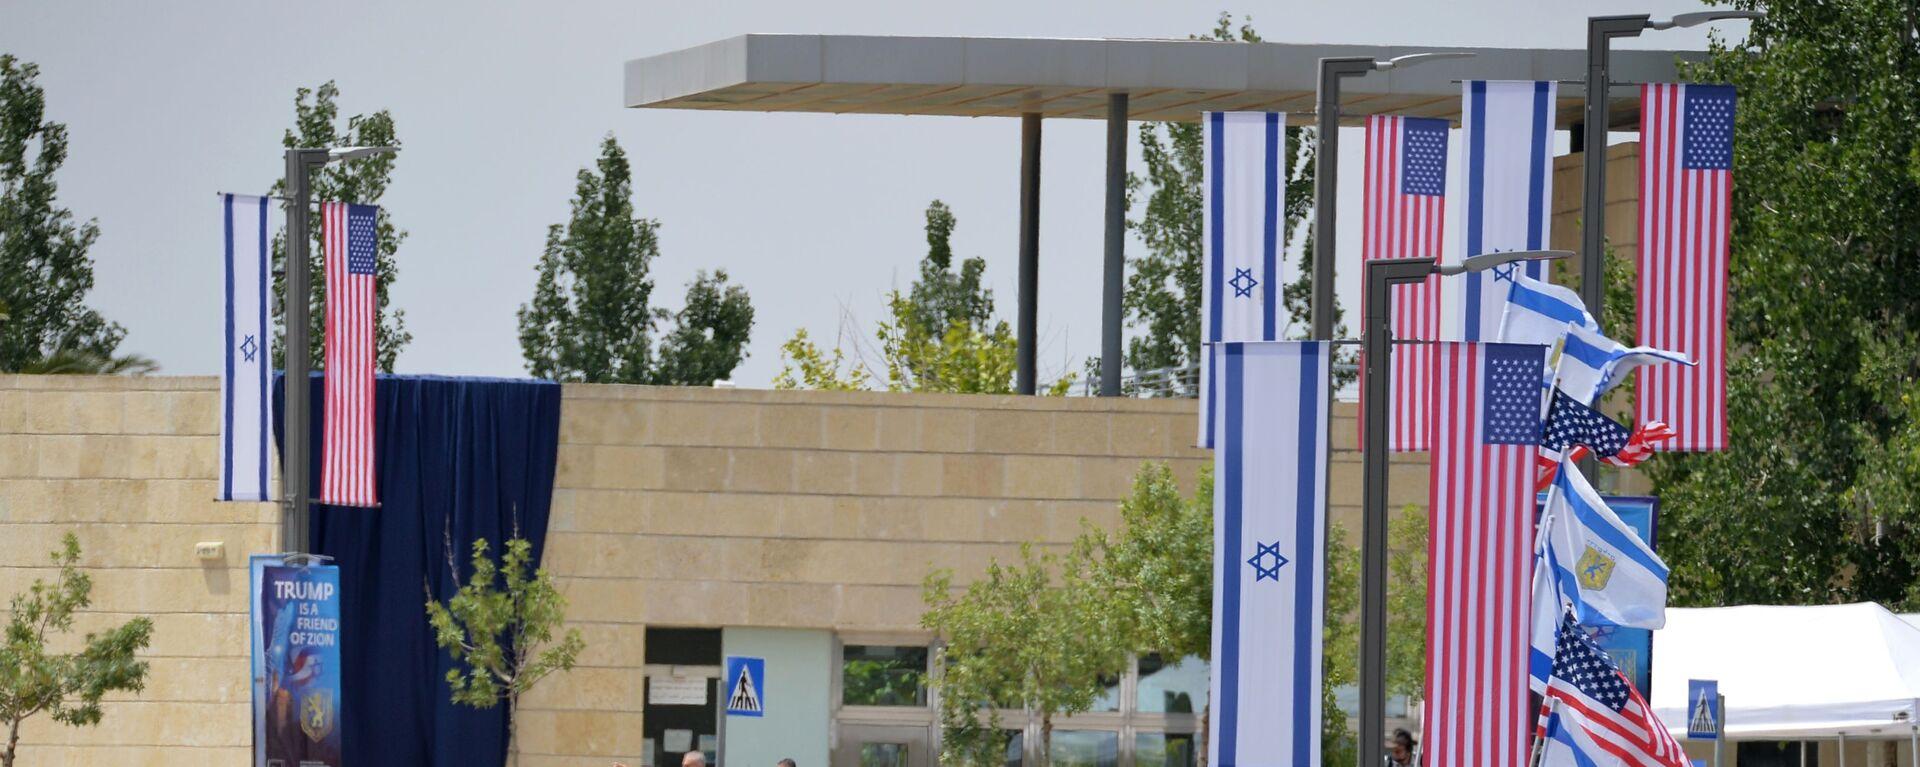 Le bandiere di USA e Israele presso la nuova Ambasciata statunitense a Gerusalemme - Sputnik Italia, 1920, 14.06.2021